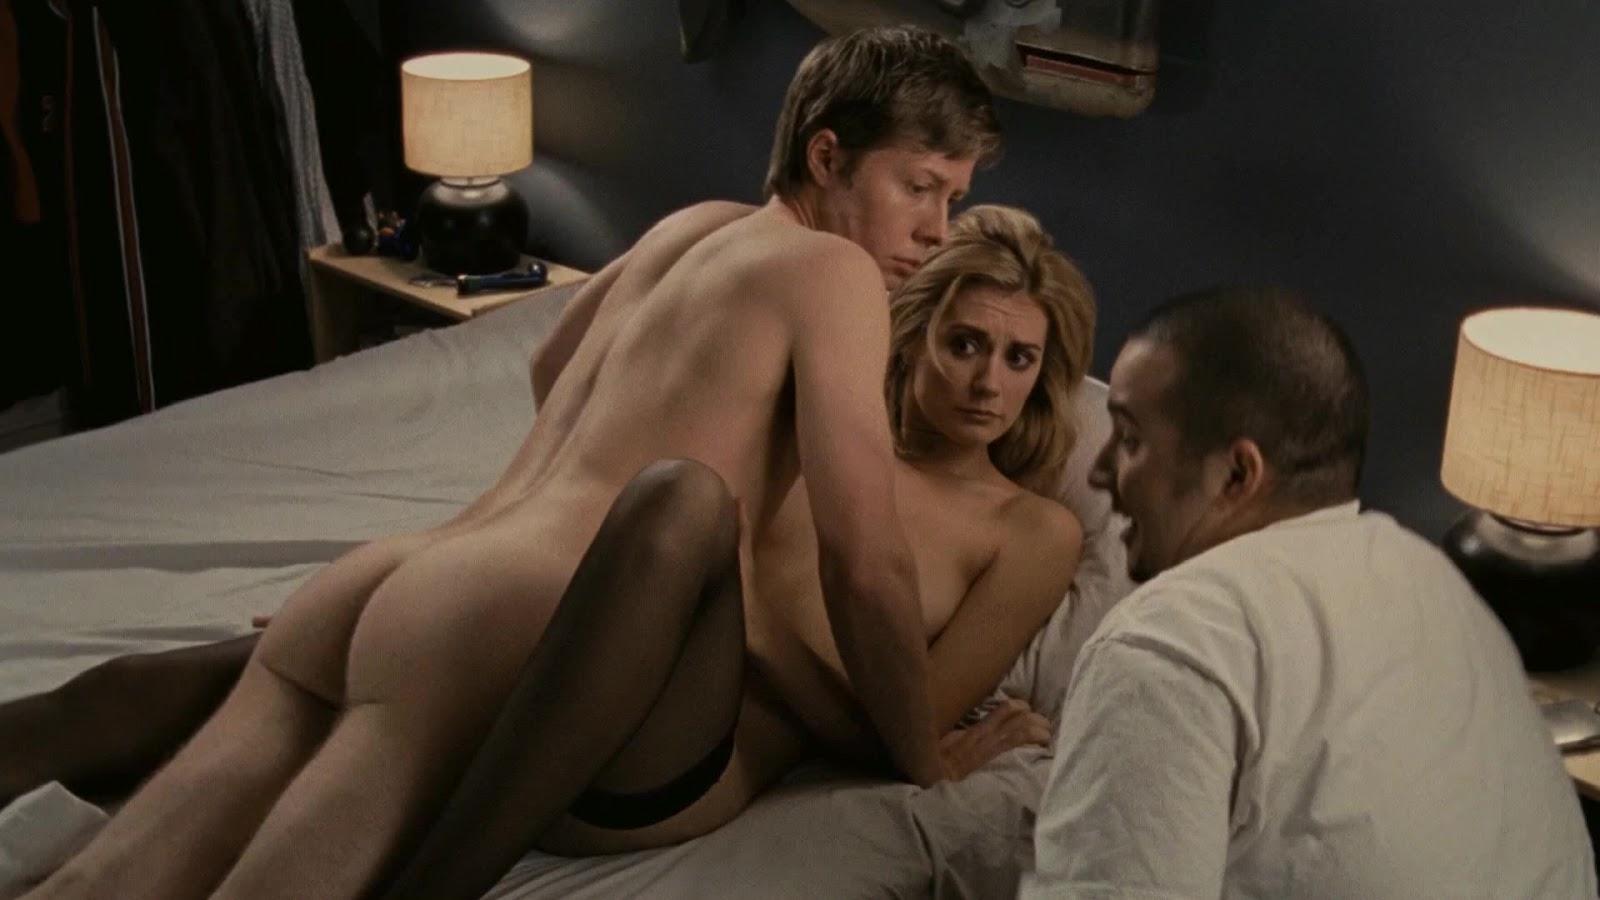 Natalie Lisinska Sex 34